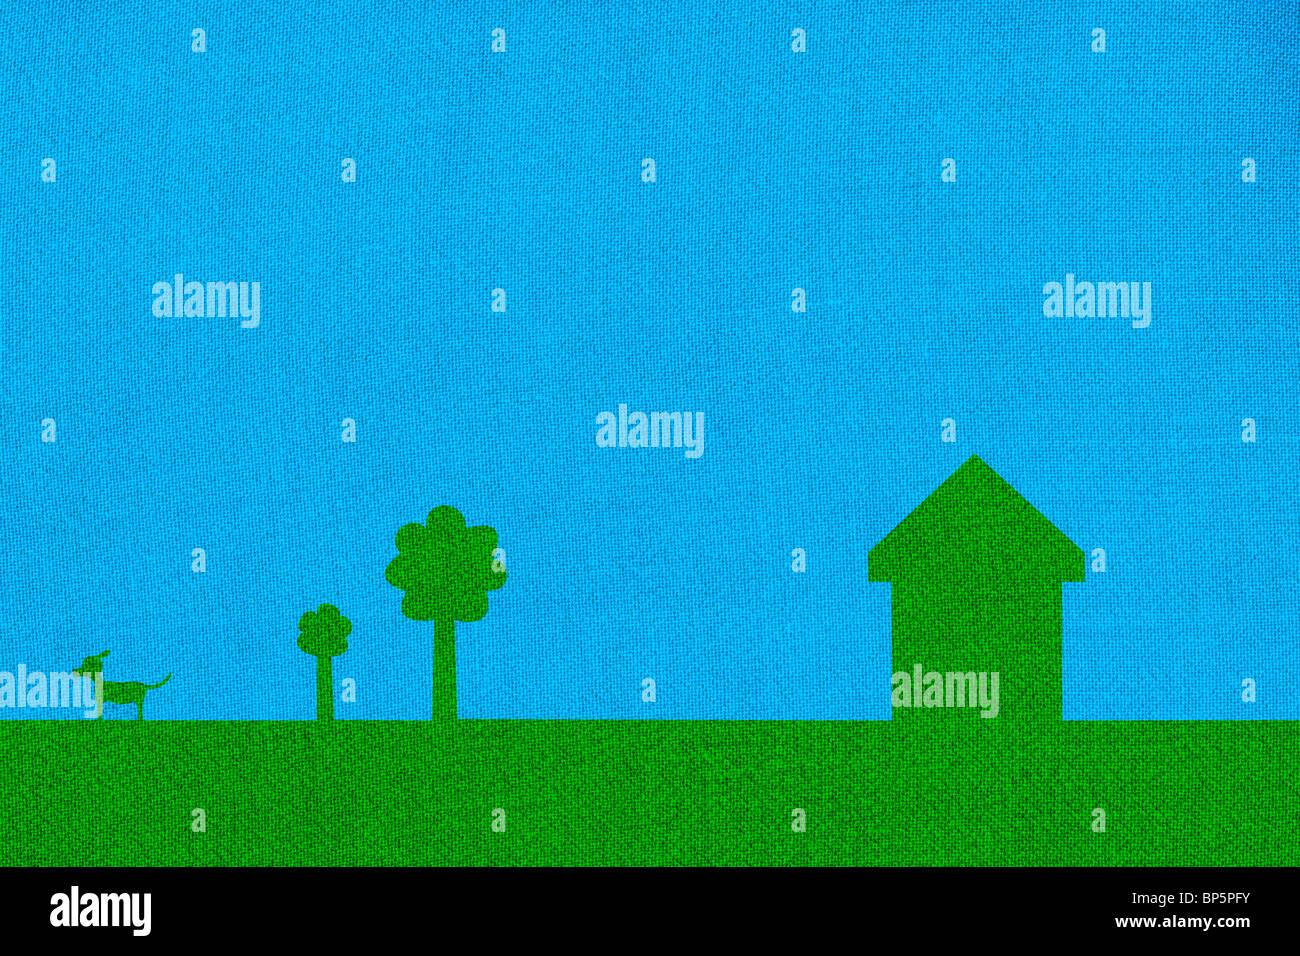 Farbige Gewächshaus mit Bäumen und Hund Stockbild